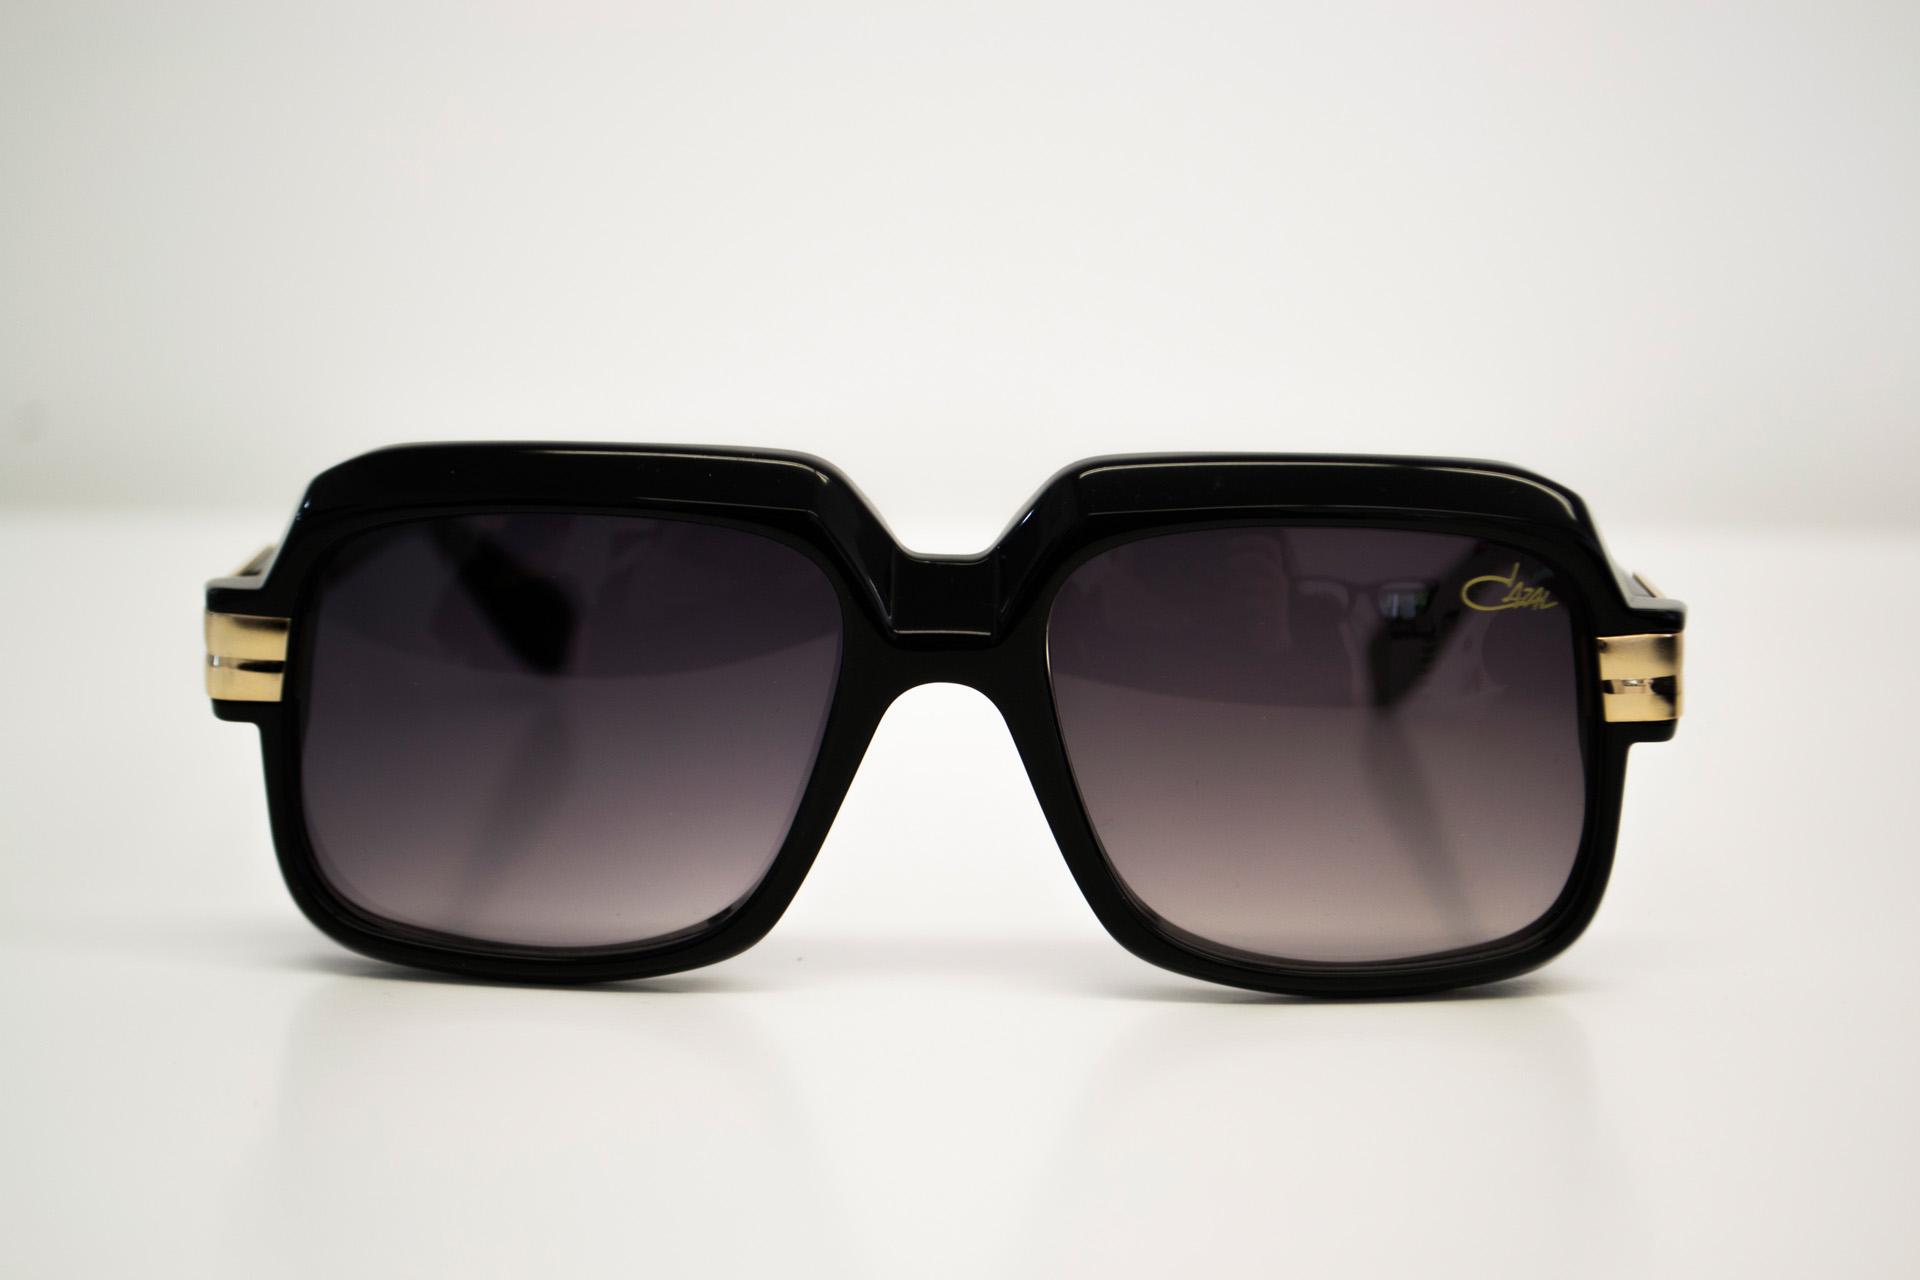 532fffaab71 Run Dmc Cazal Sunglasses 1980 s